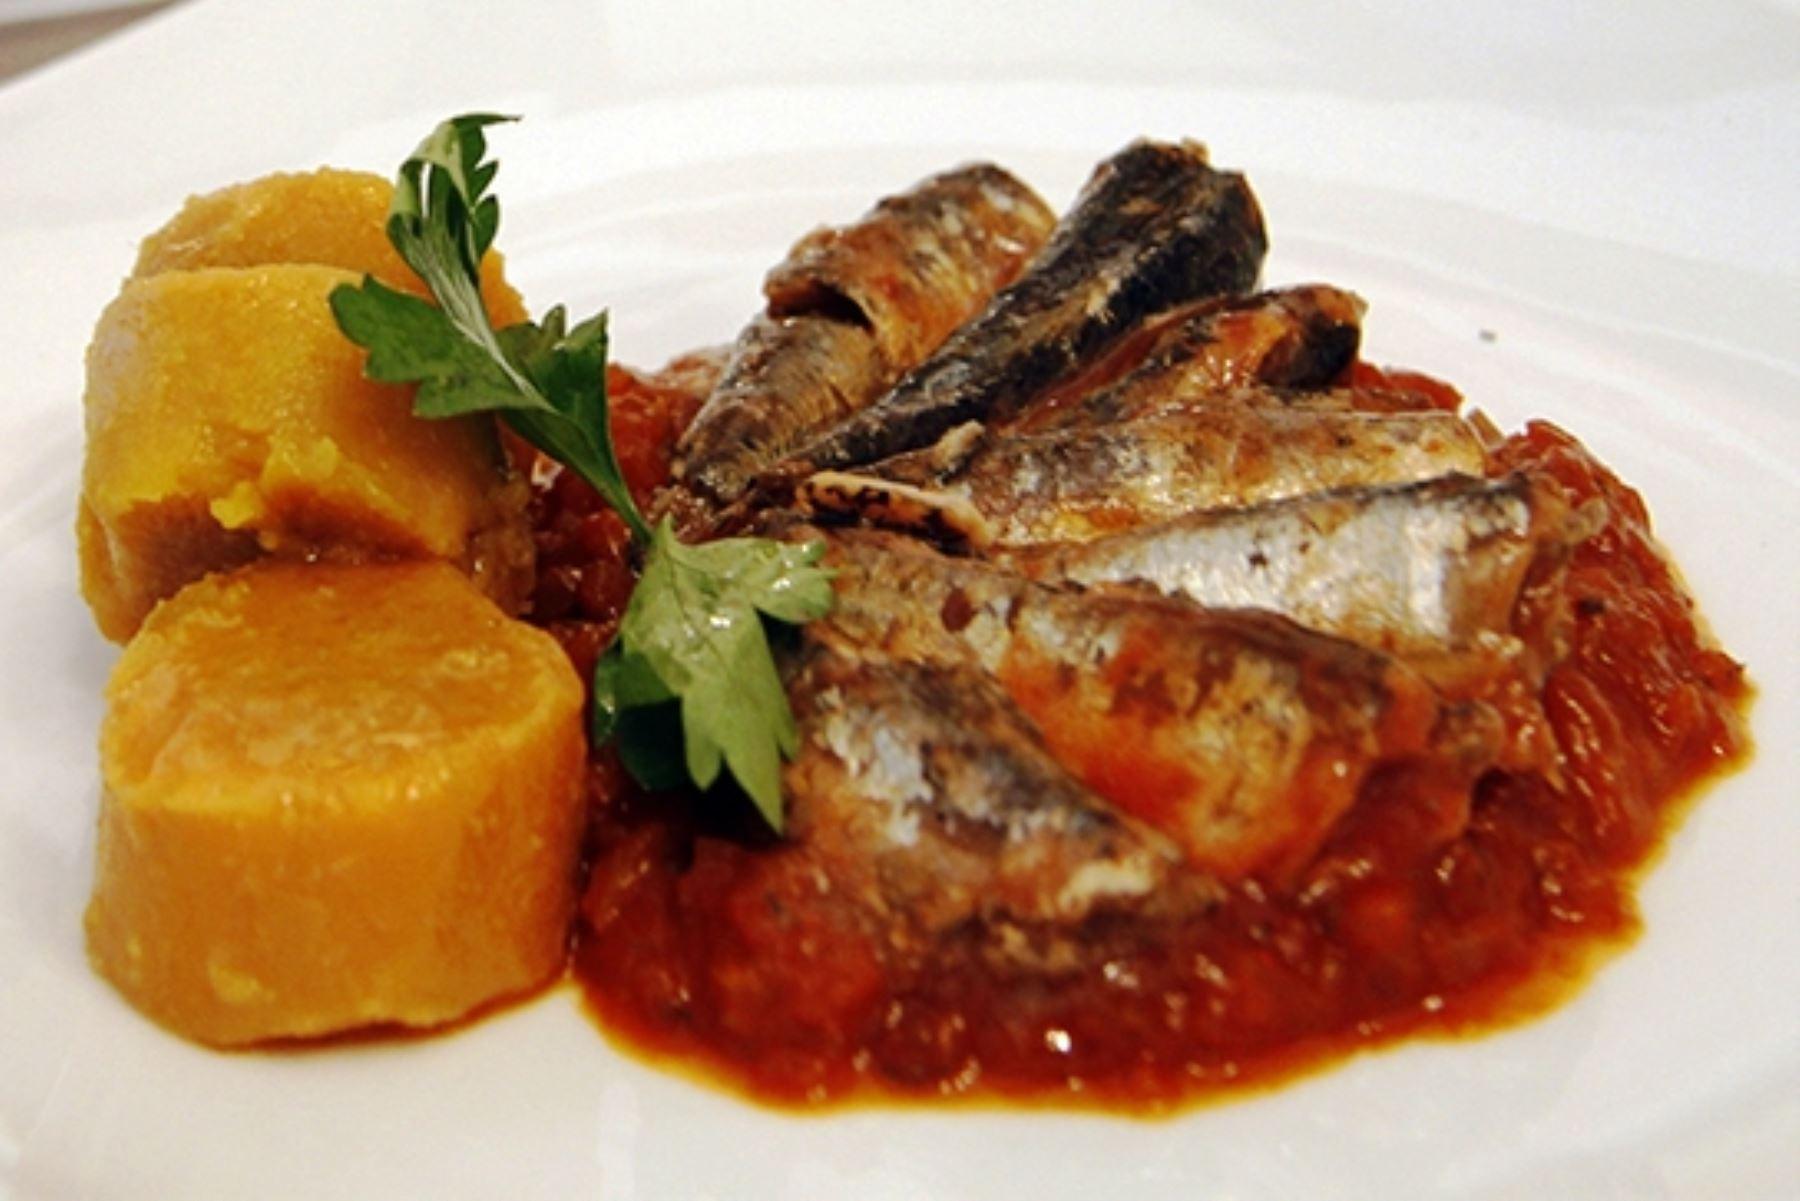 Comer pescado ayuda a reducir riesgo de males cardiovasculares. Foto: ANDINA/Difusión.